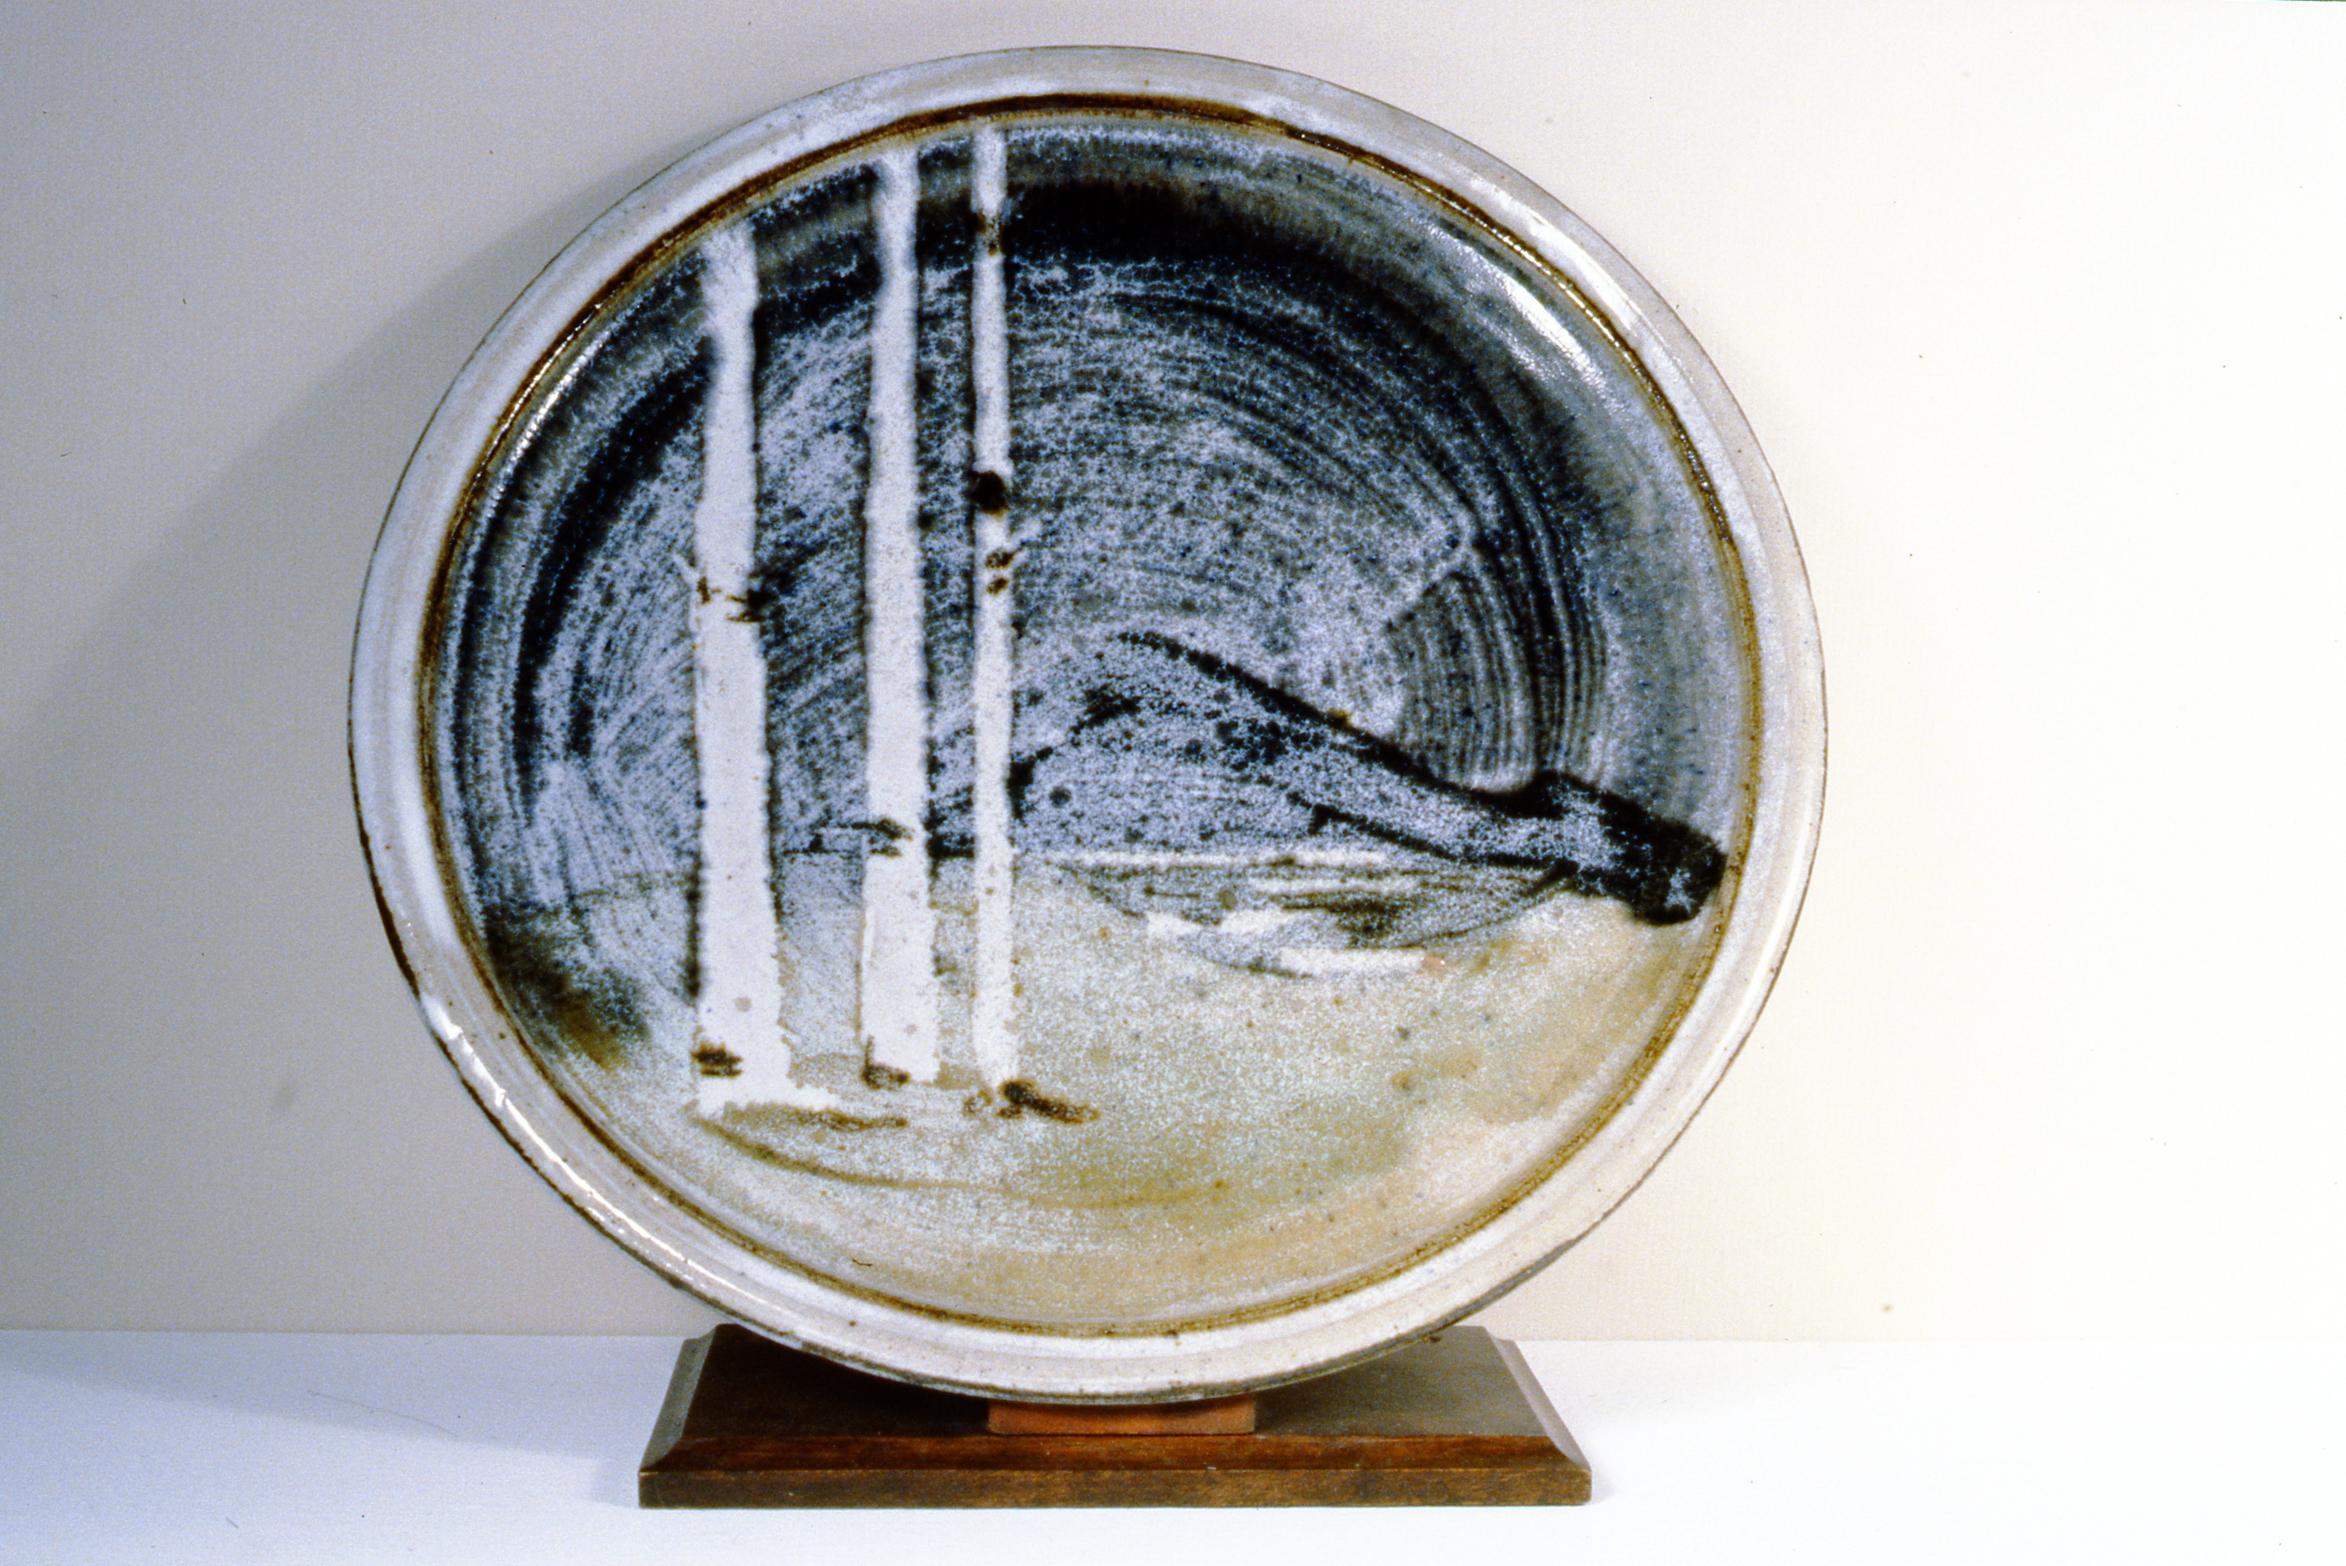 Landscape Plate , n.d., Frances Hatfield, ceramic, 33 1/2 cm diametre, 1995.01.06. Gift of the Okanagan Mainline Regional Arts Council.